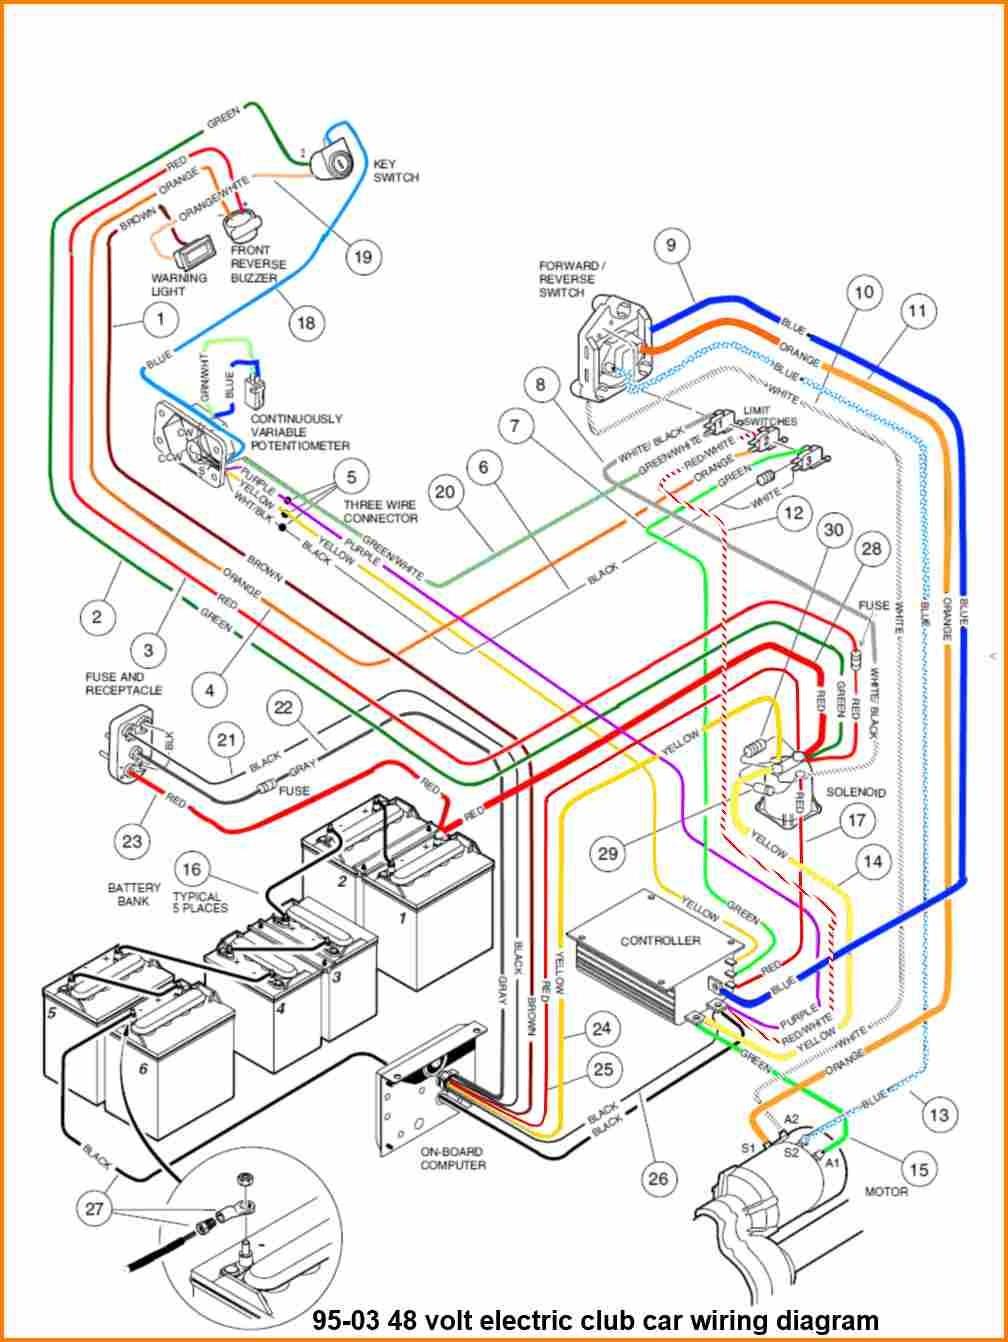 for a 1997 club car headlight wiring wiring diagram inside2001 club car headlight wiring diagram wiring